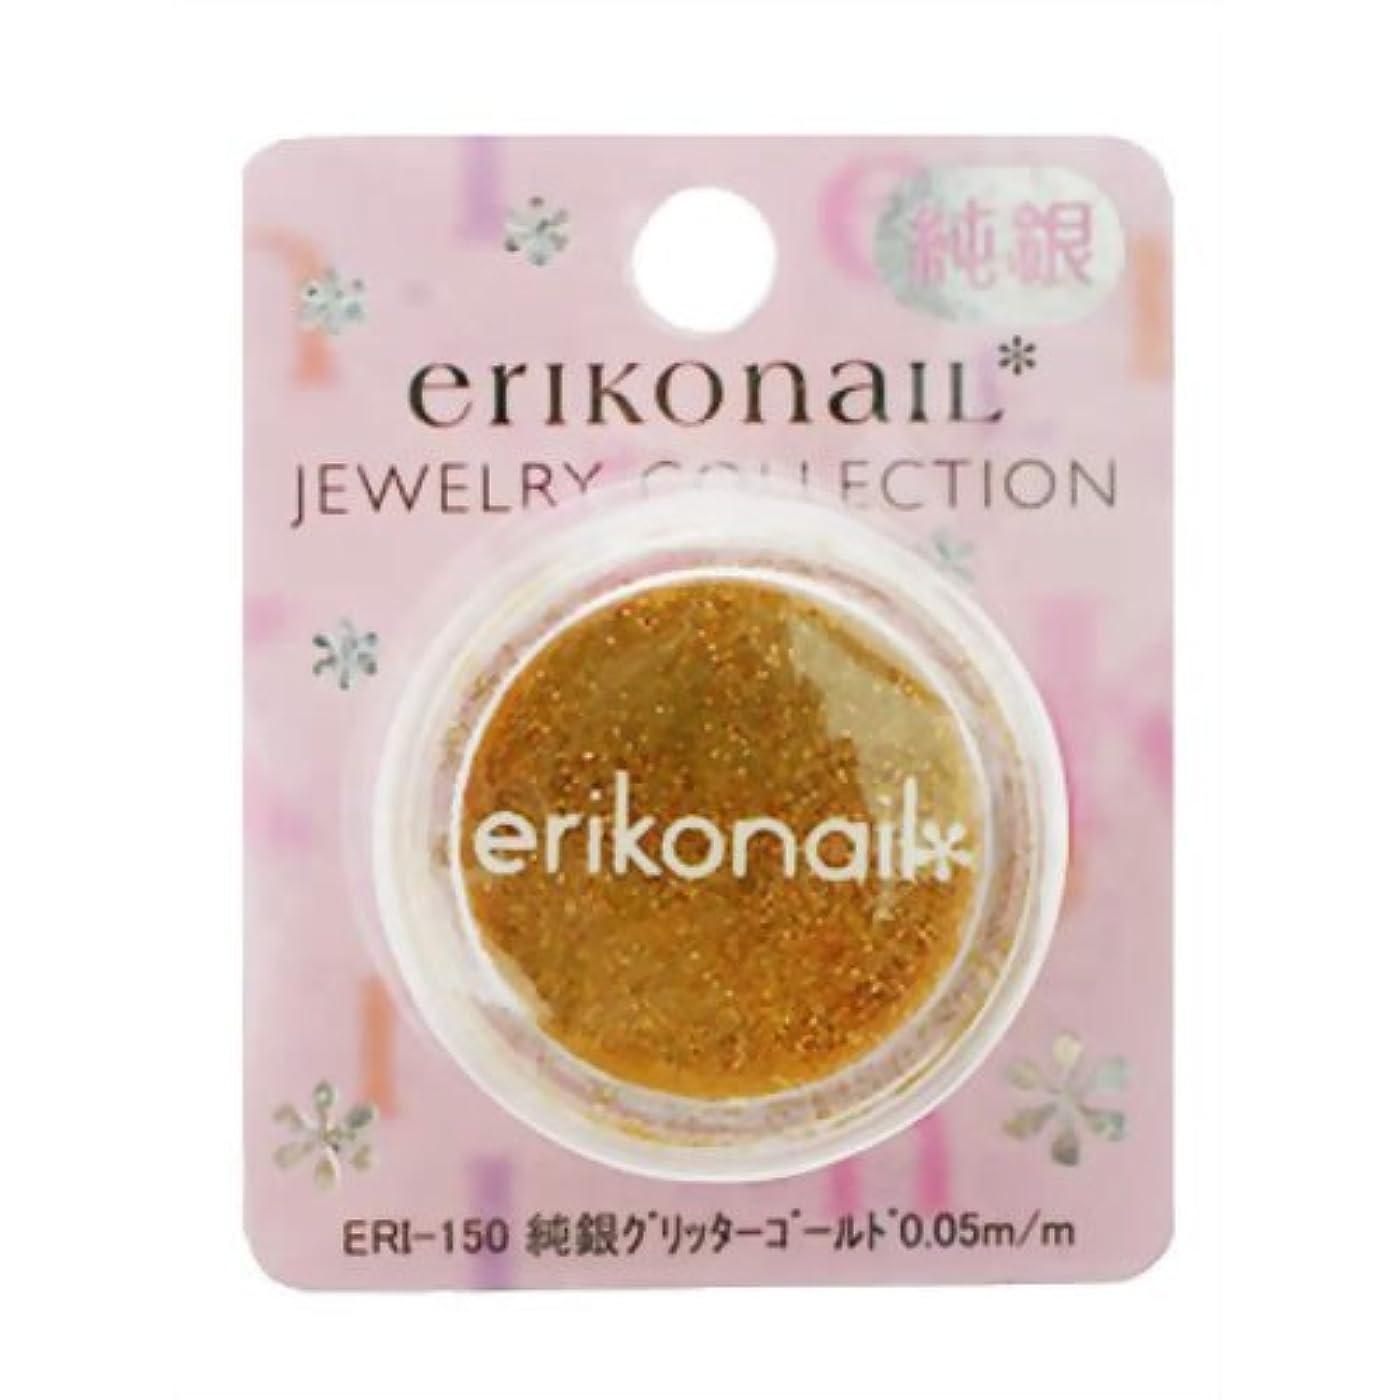 持続的硬い服を着る黒崎えり子 エリコネイル ジュエリーコレクション ERI-150 純銀グリッターゴールド0.05